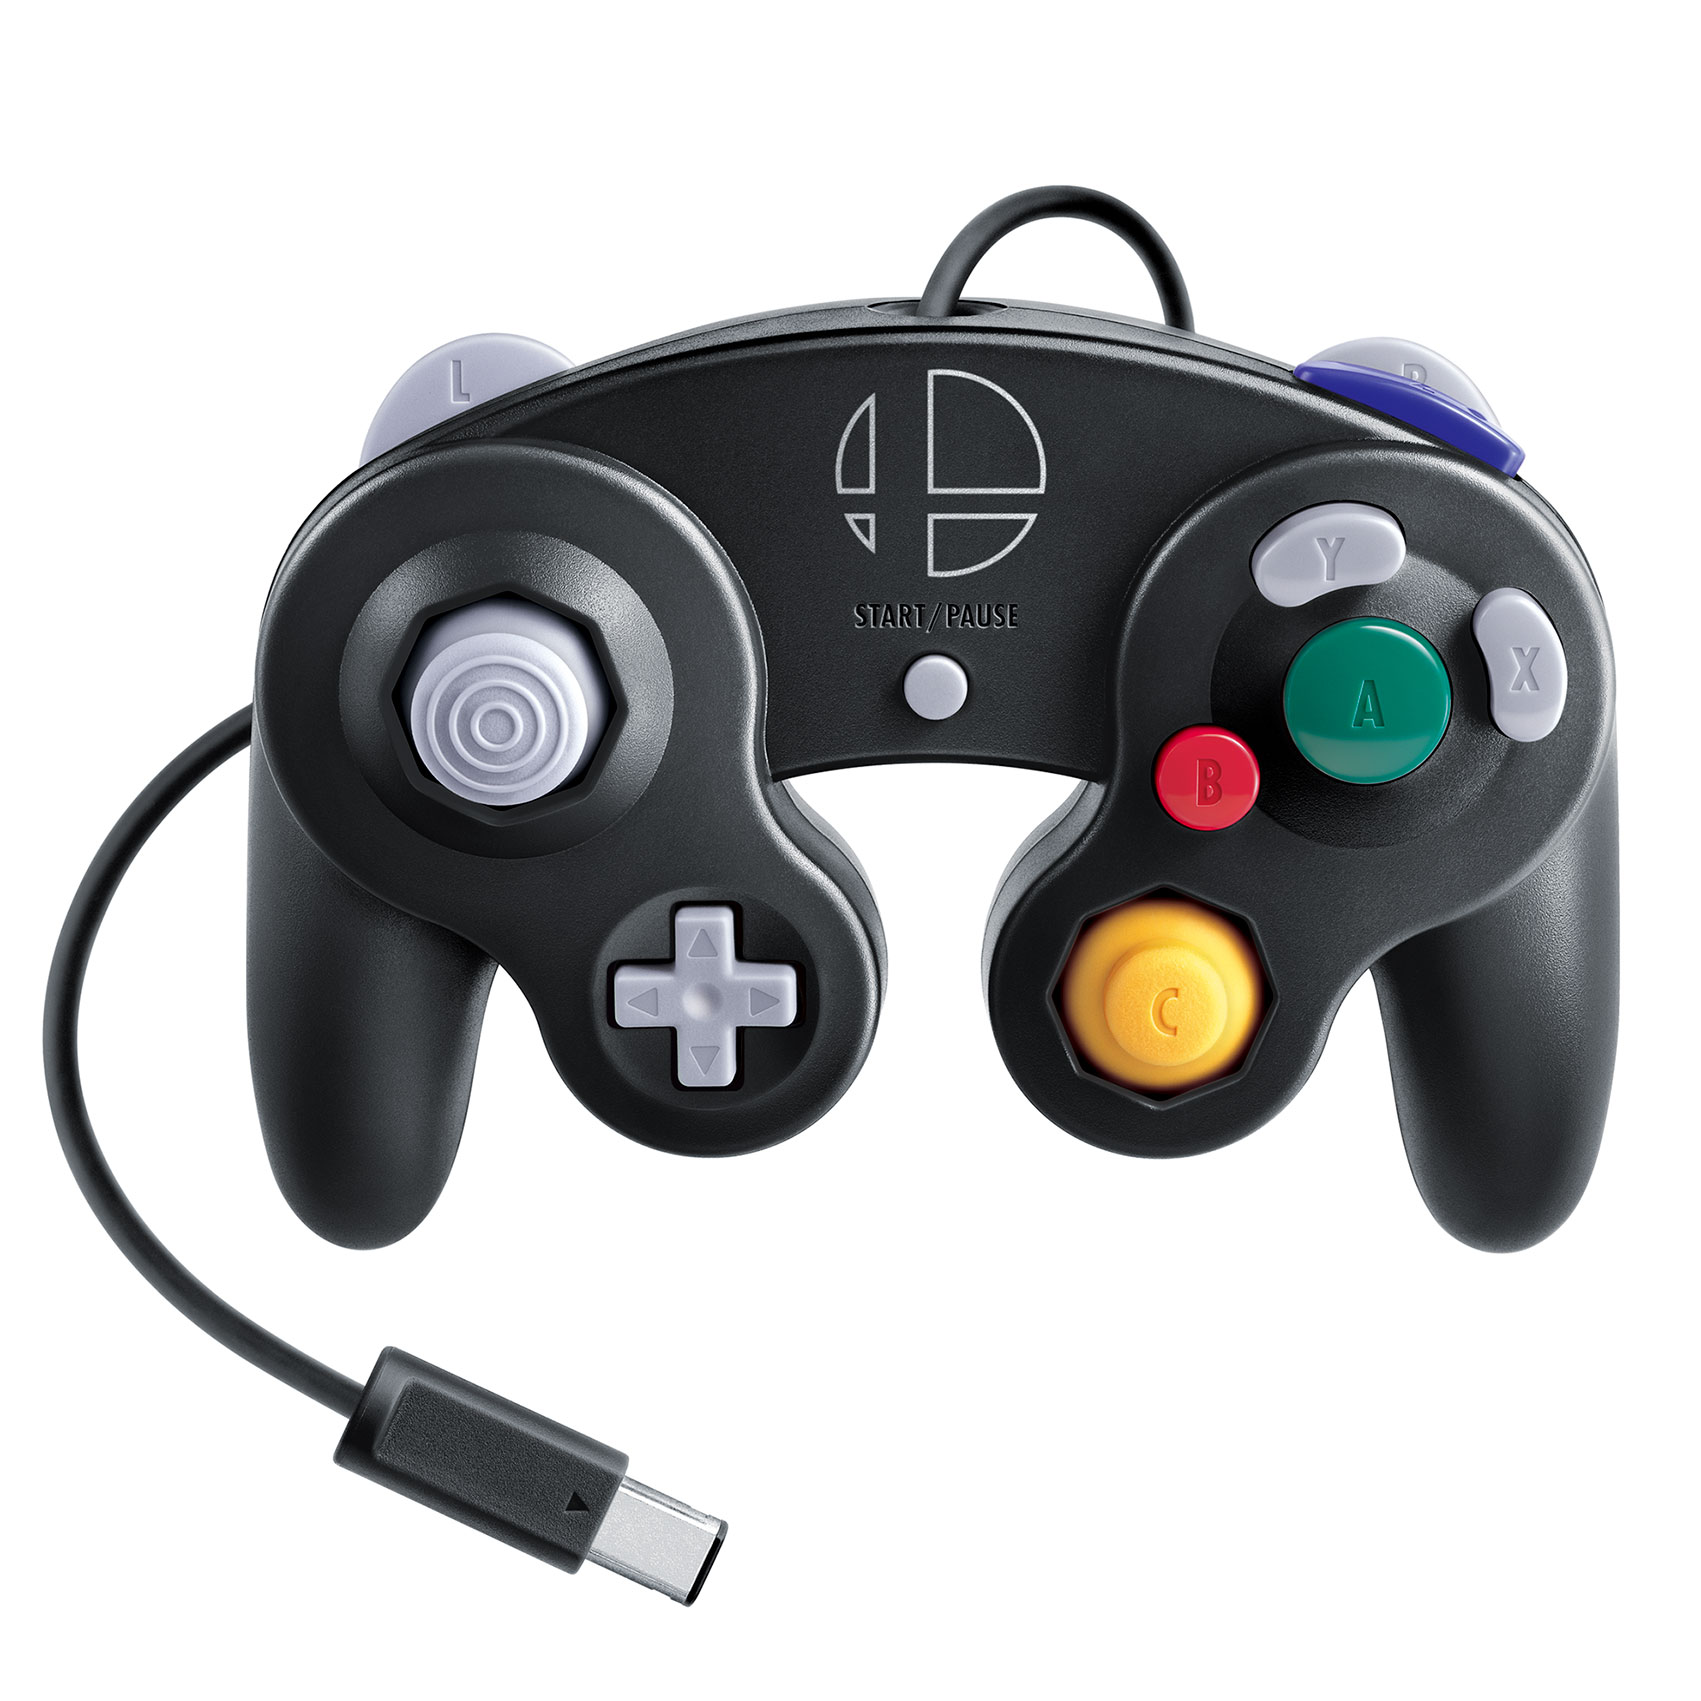 """Ihren Durchbruch feierten die """"Smash Bros."""" erst auf dem Gamecube, darum schwören viele Serien-Fans auf dessen Controller als optimales Eingabe-Gerät für """"Smash""""-Duelle und ist das Zubehörteil noch immer erhältlich."""